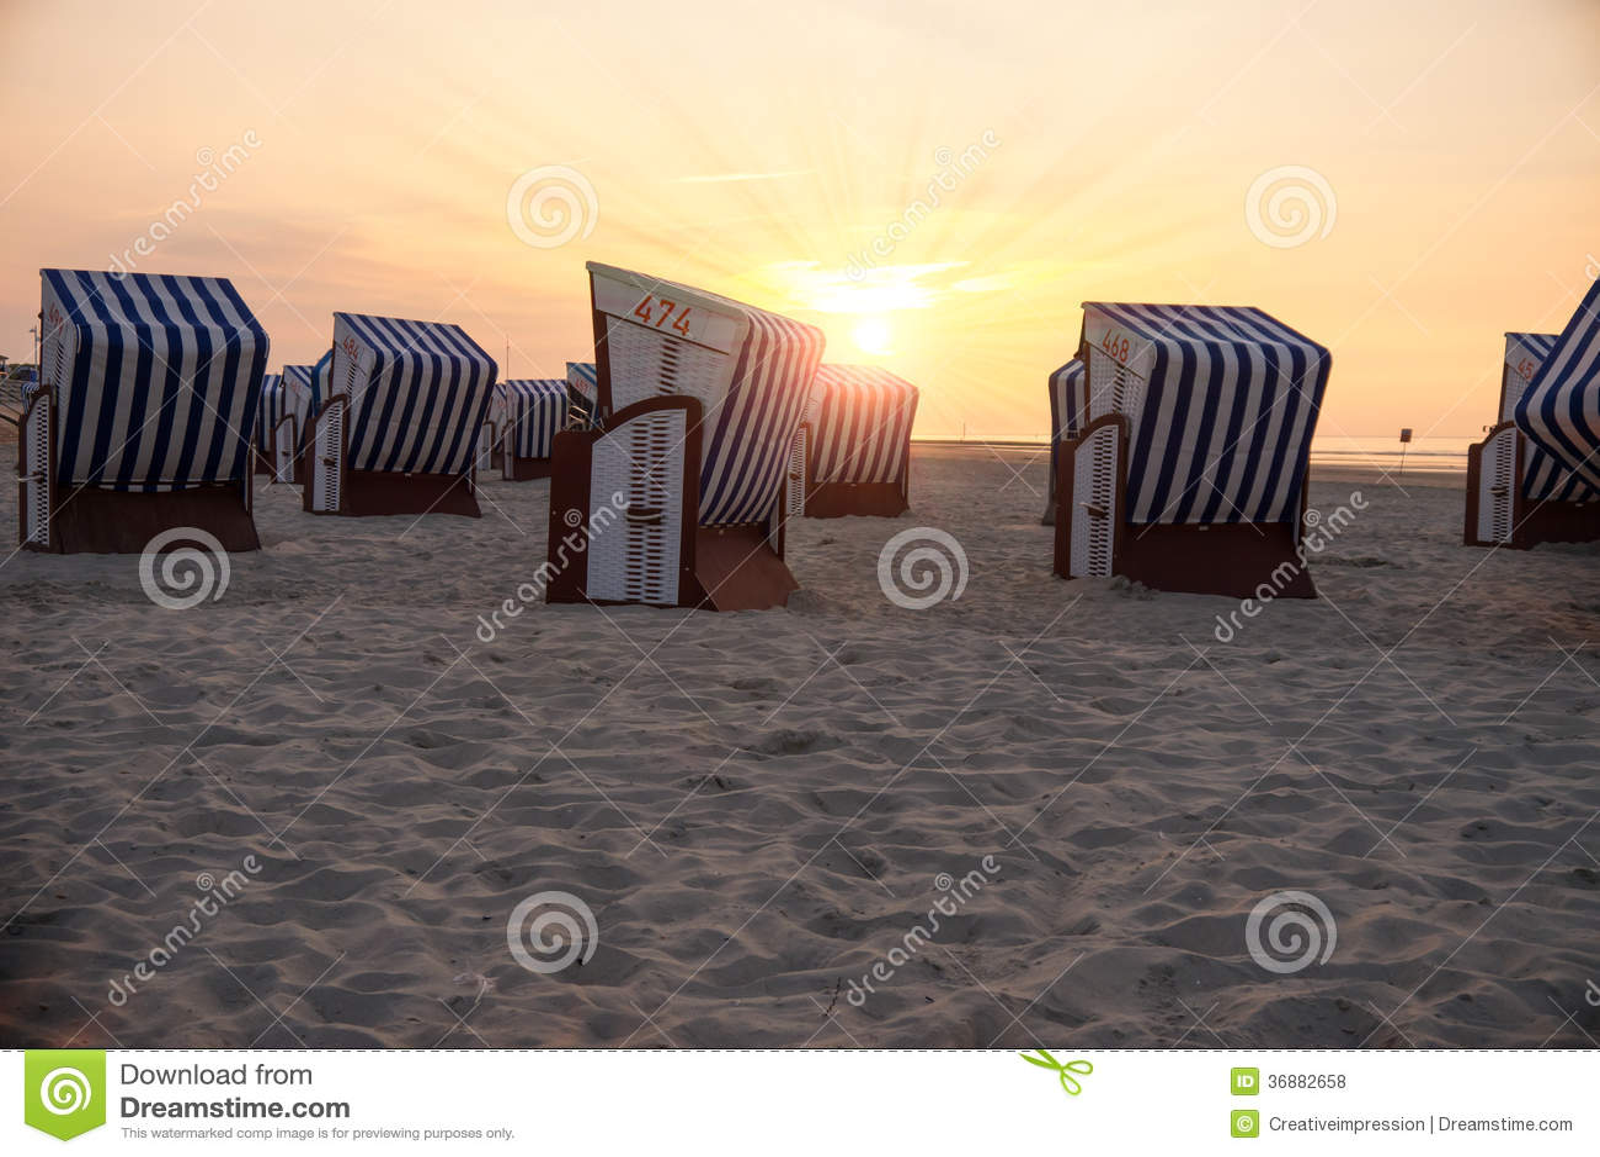 Download Sedie Di Spiaggia E Luce Solare Fotografia Stock - Immagine di associazione, cartolina: 36882658